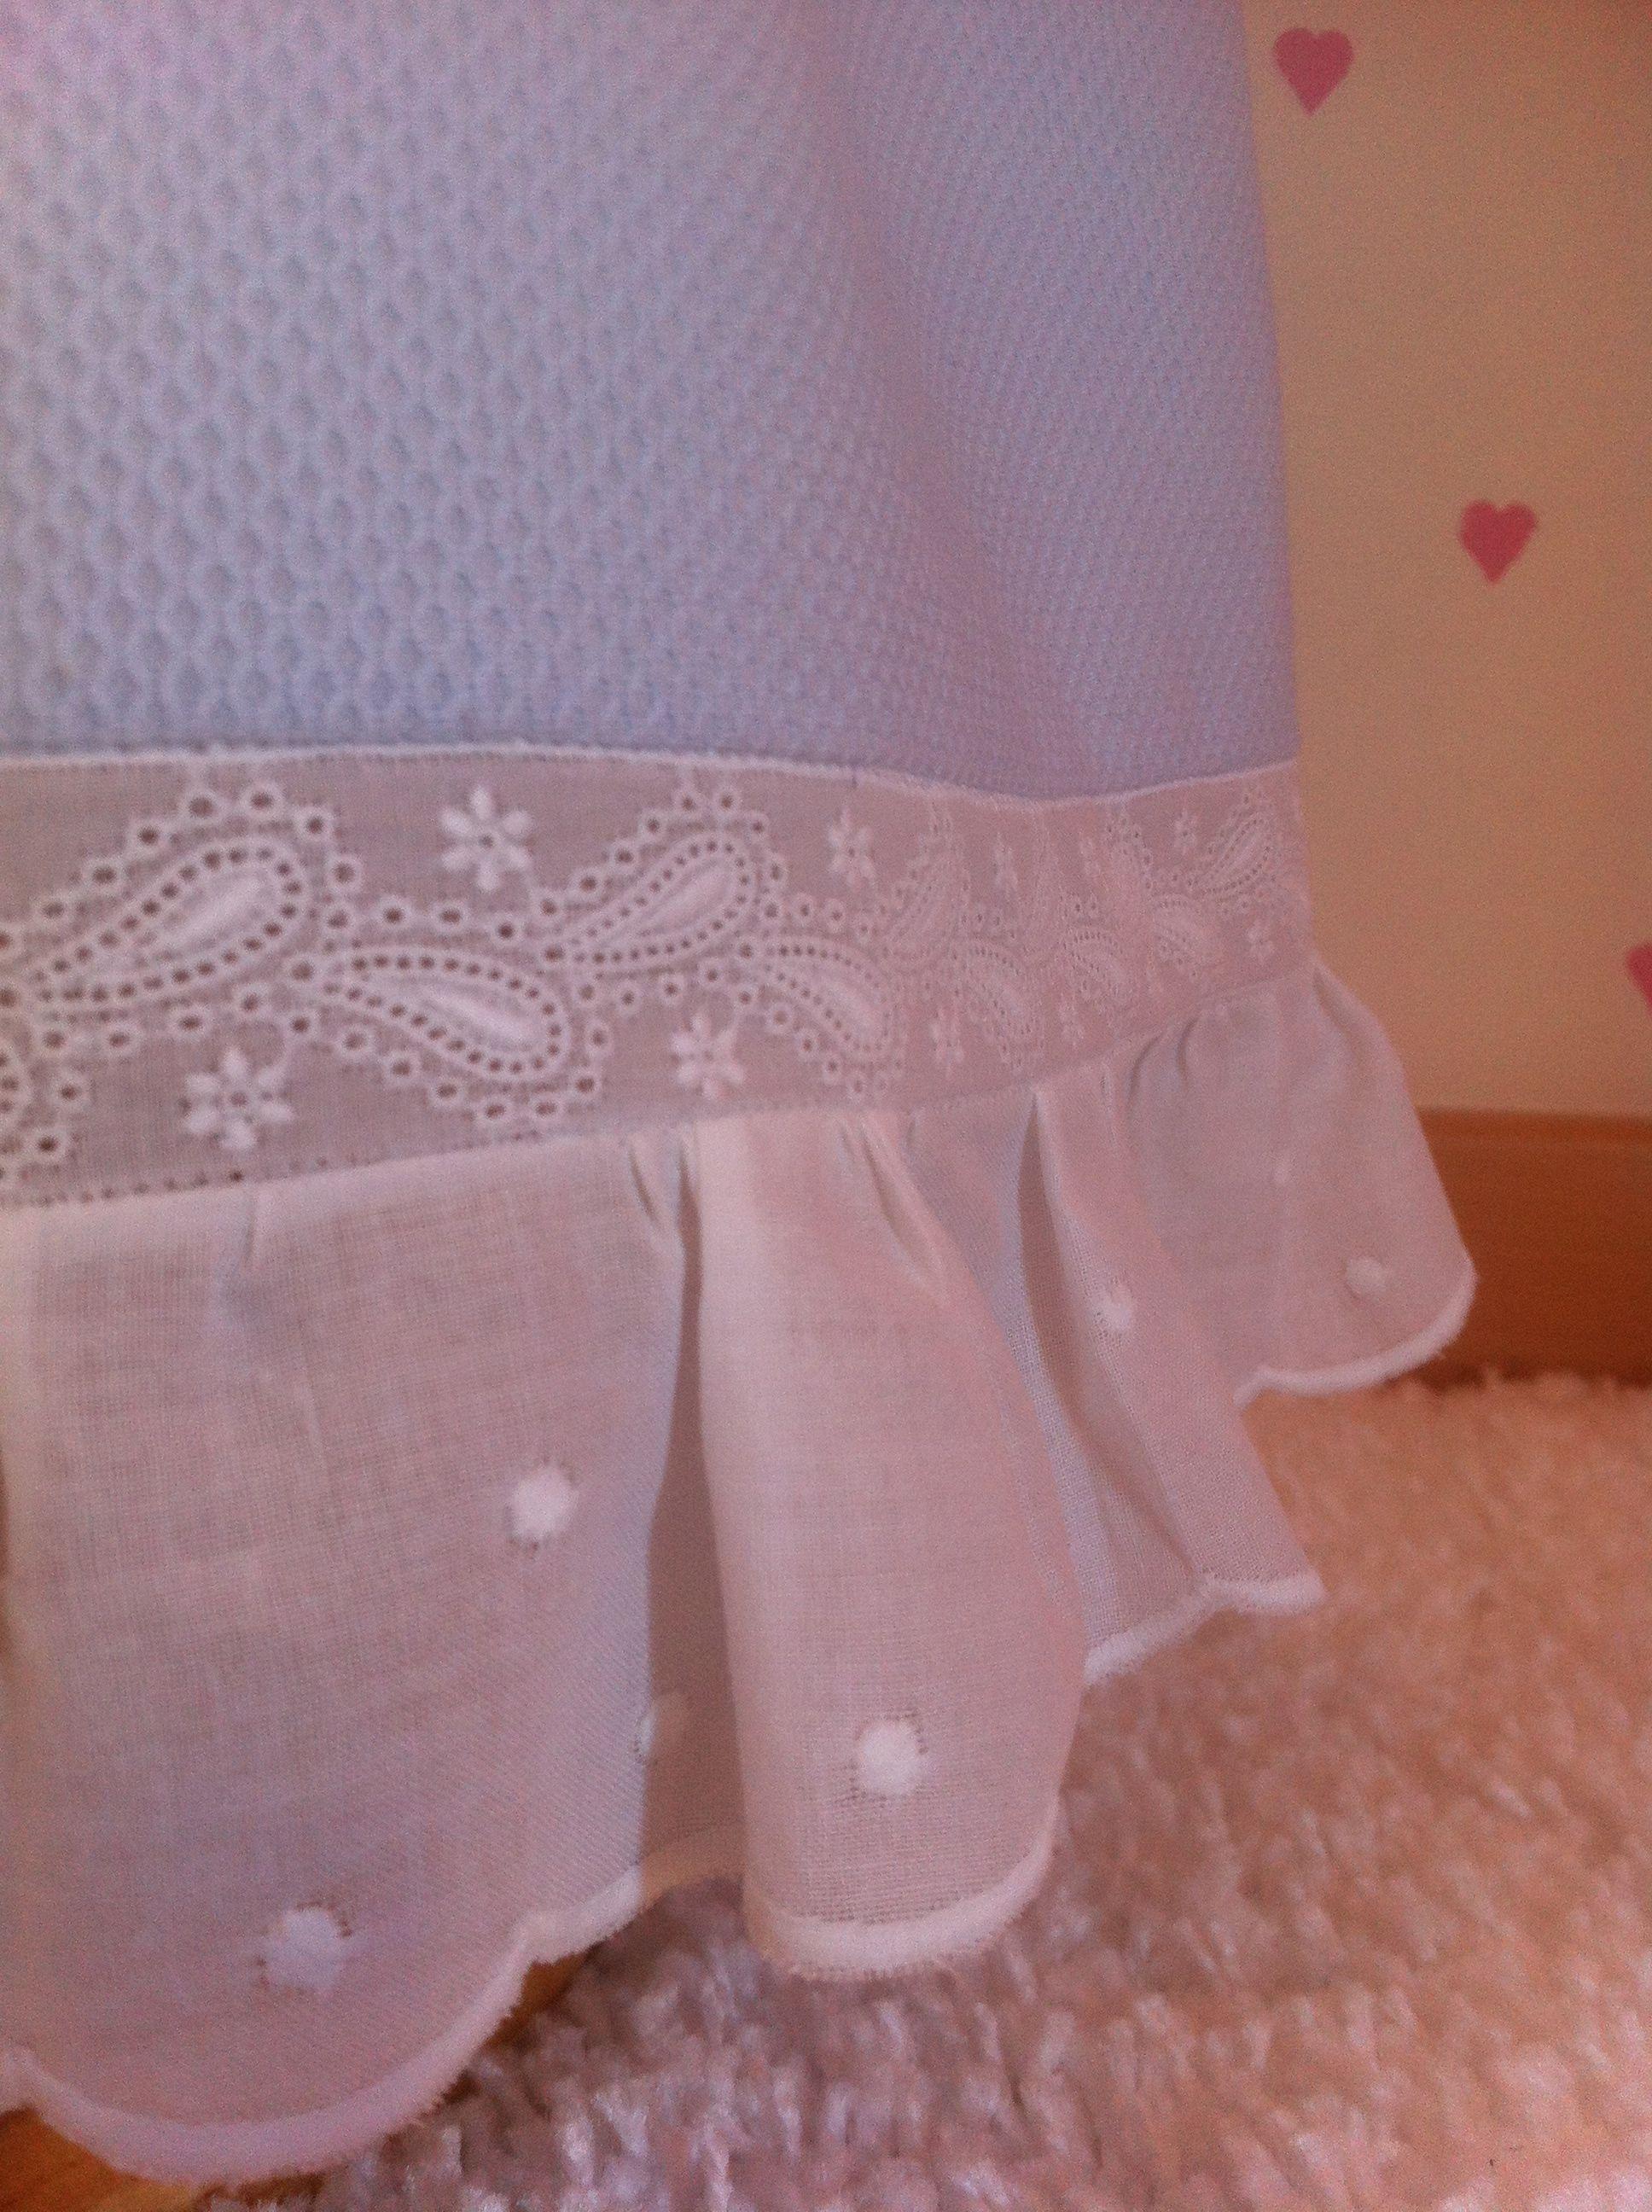 Detalle del piqué azul bebé rematado por entredós y tira bordada en algodón blanco